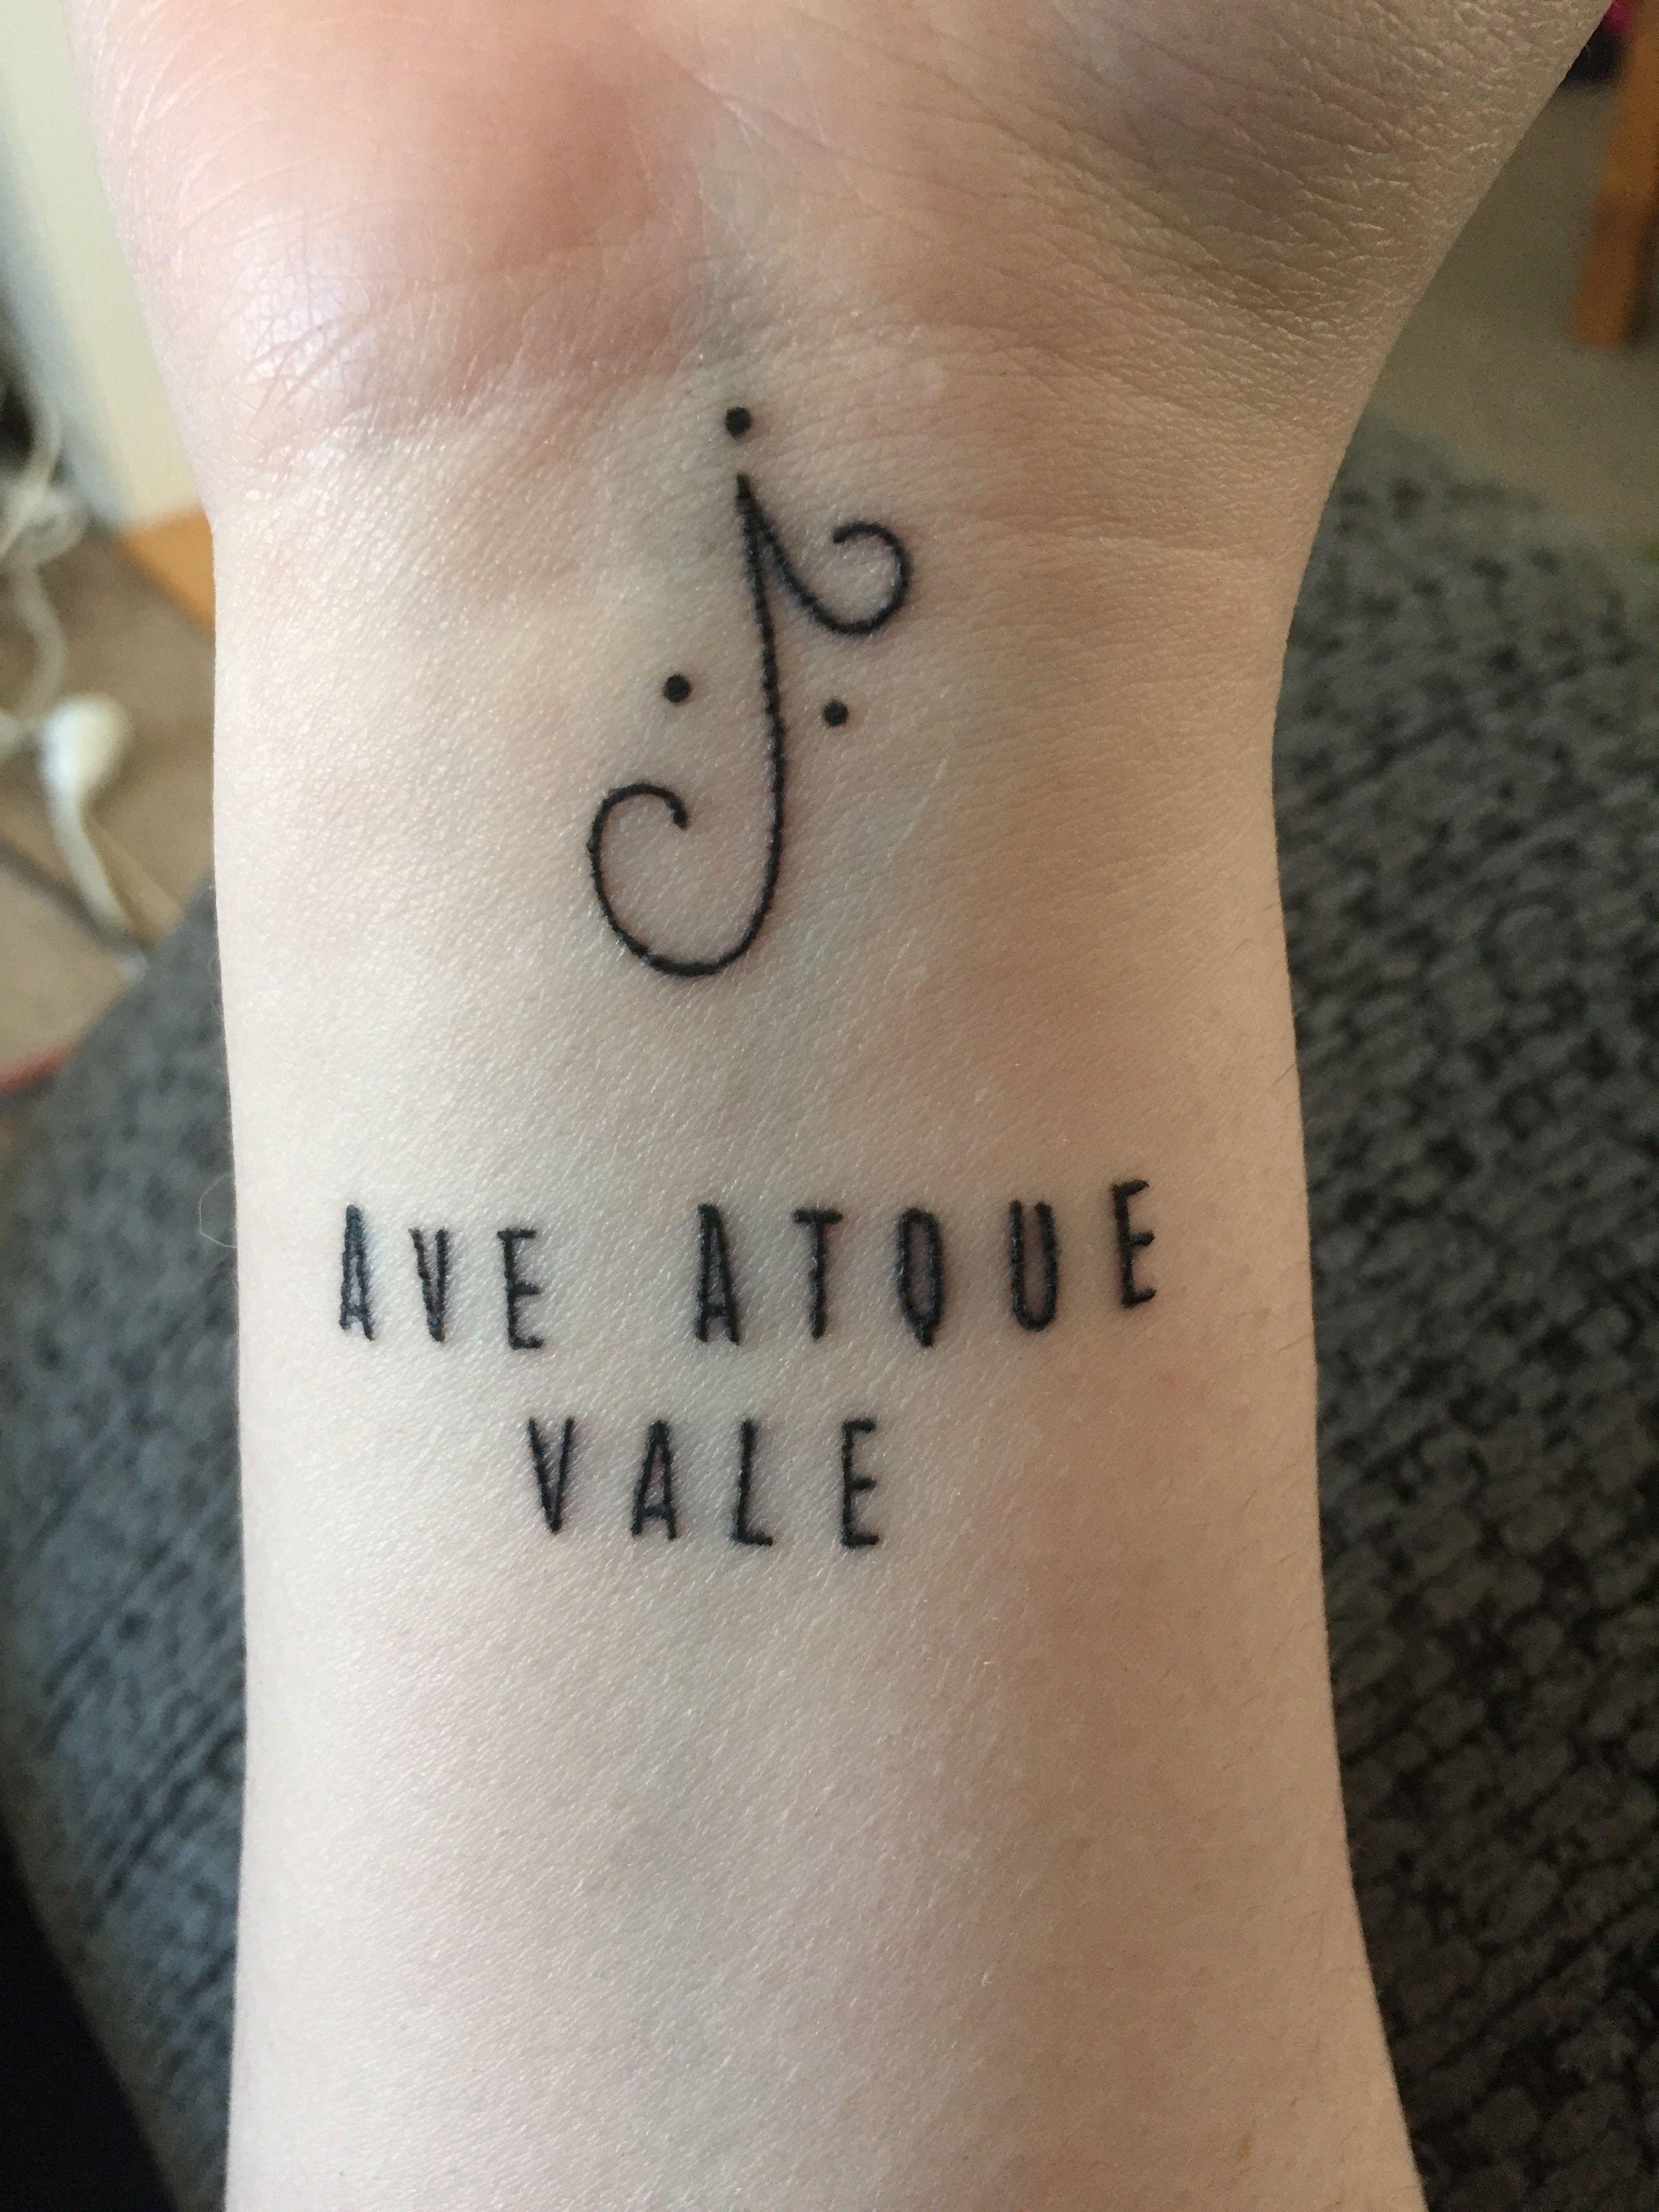 Ave atque vale tattoo